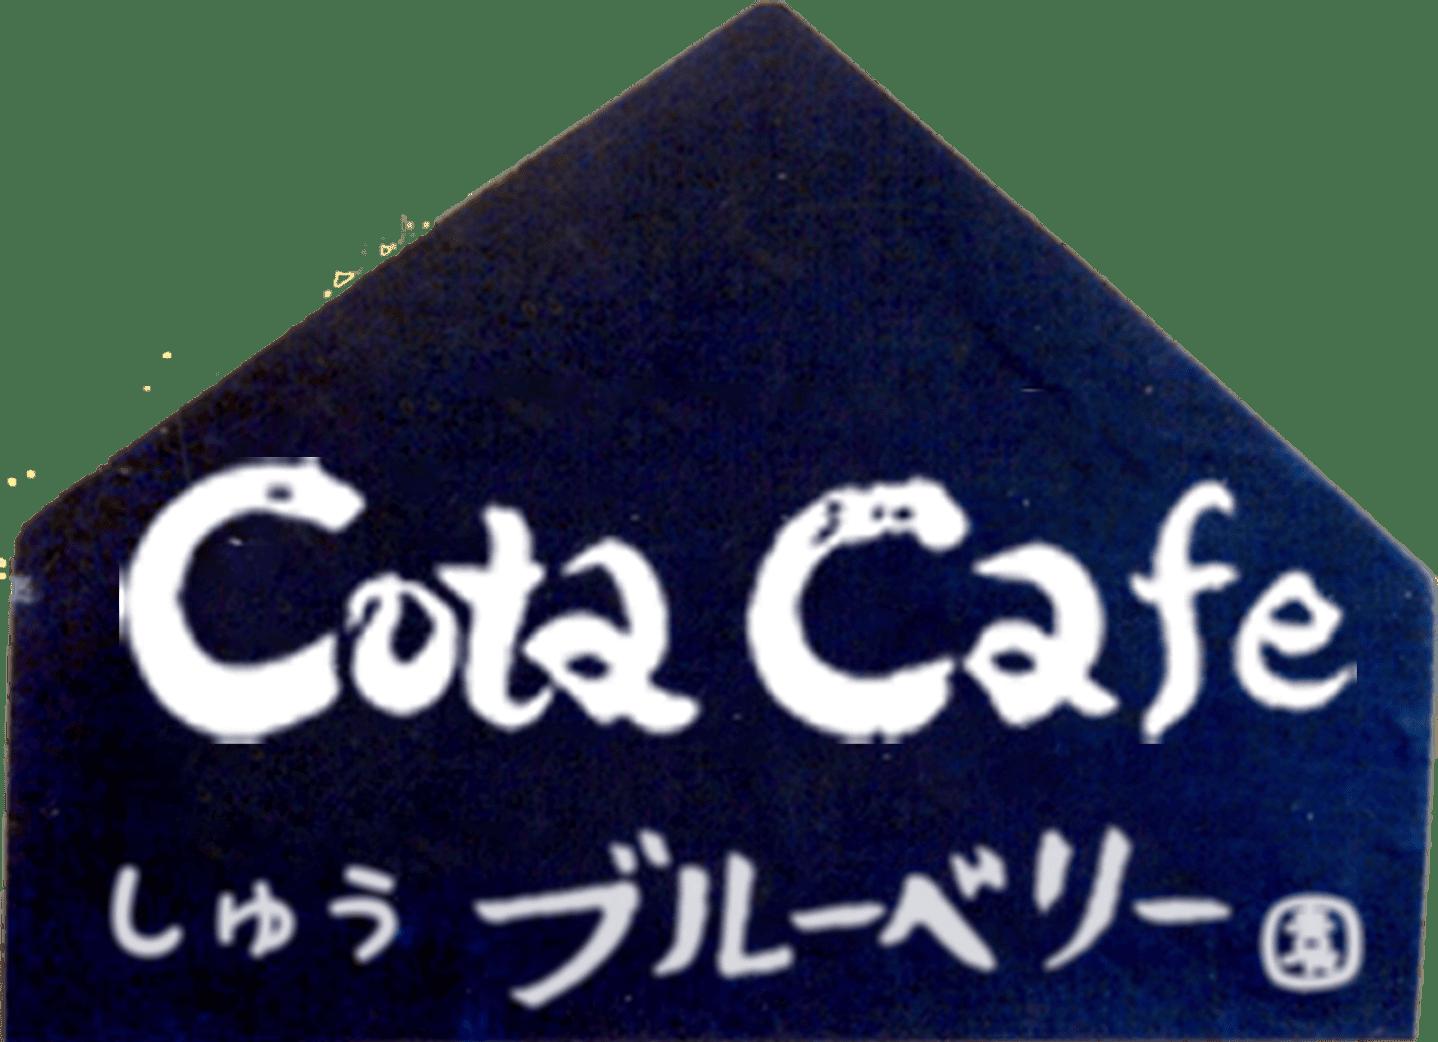 Cota Cafe(コタカフェ) しゅうブルーベリー園